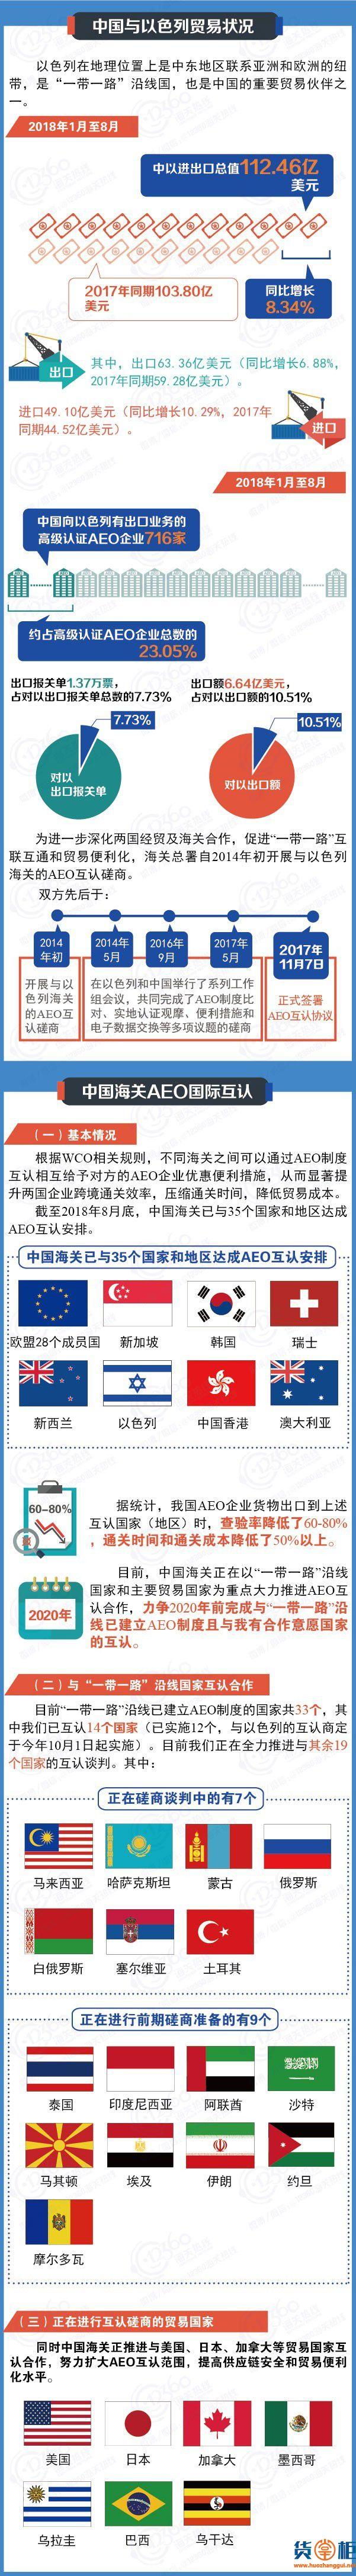 中国-以色列海关自10月1日起实施AEO互认-货掌柜www.huozahnggui.net